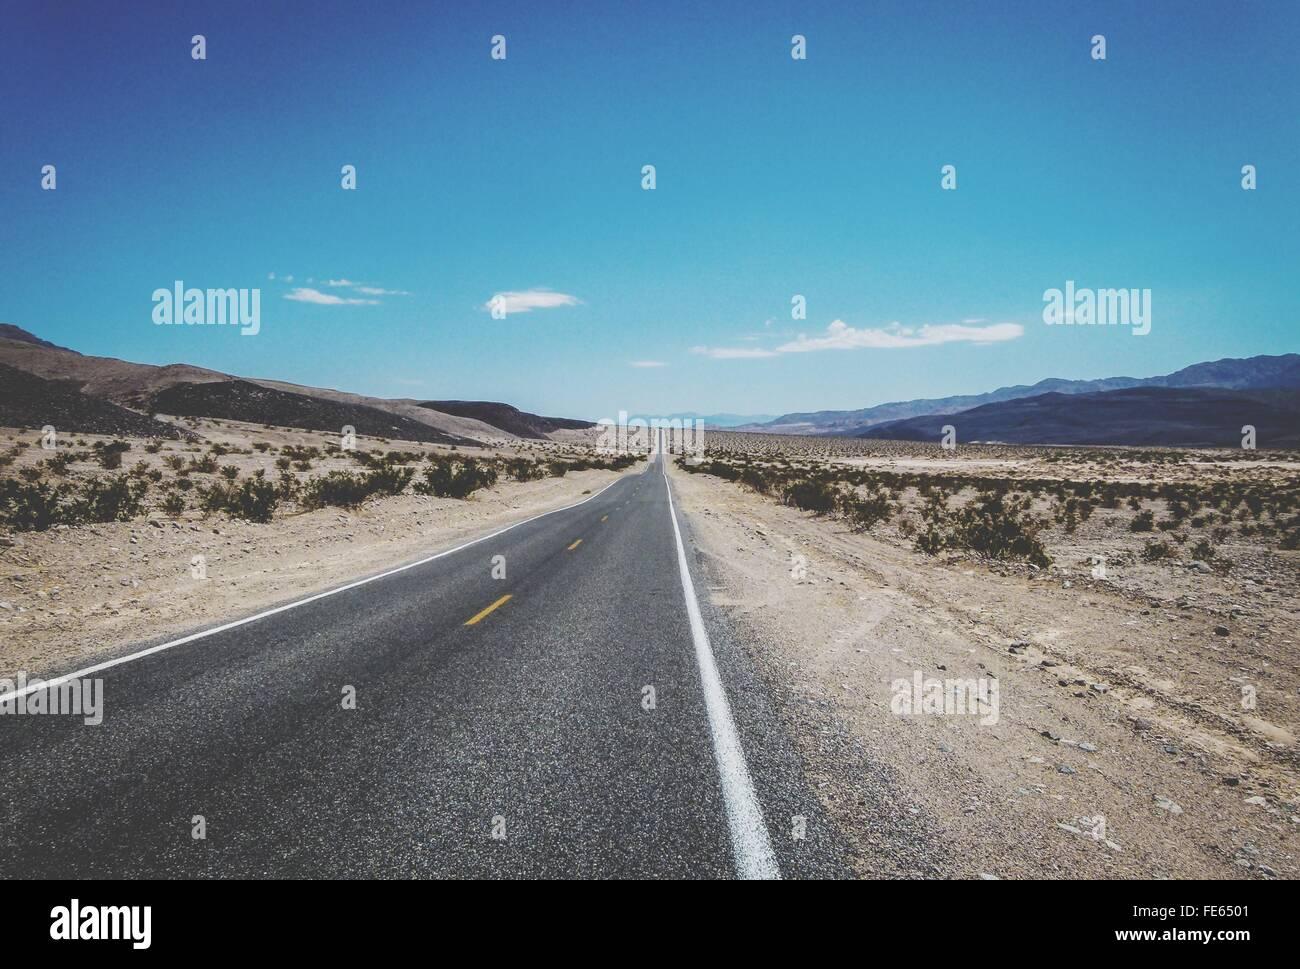 Empty Desert Road Against Blue Sky - Stock Image